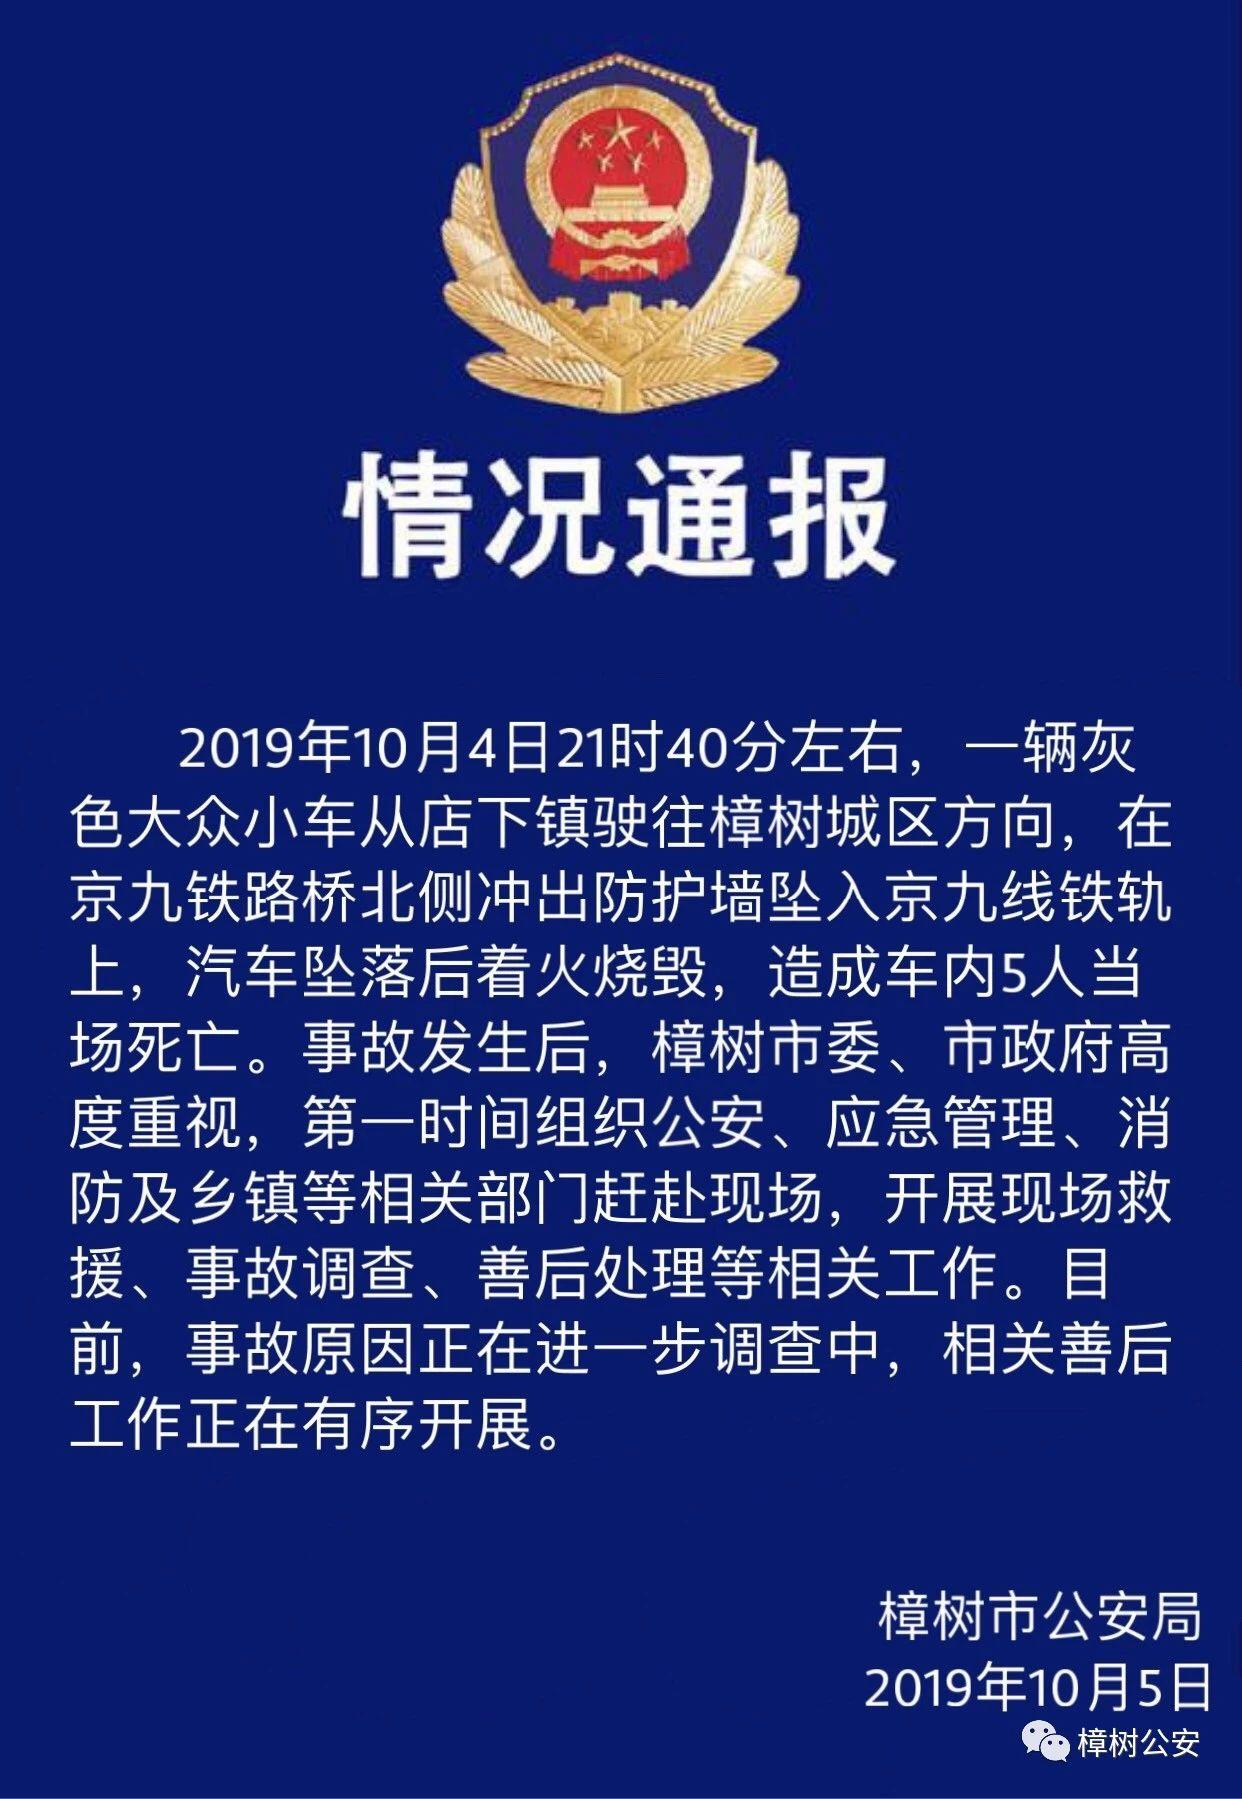 一轿车坠入京九铁轨后烧毁车内5人死亡